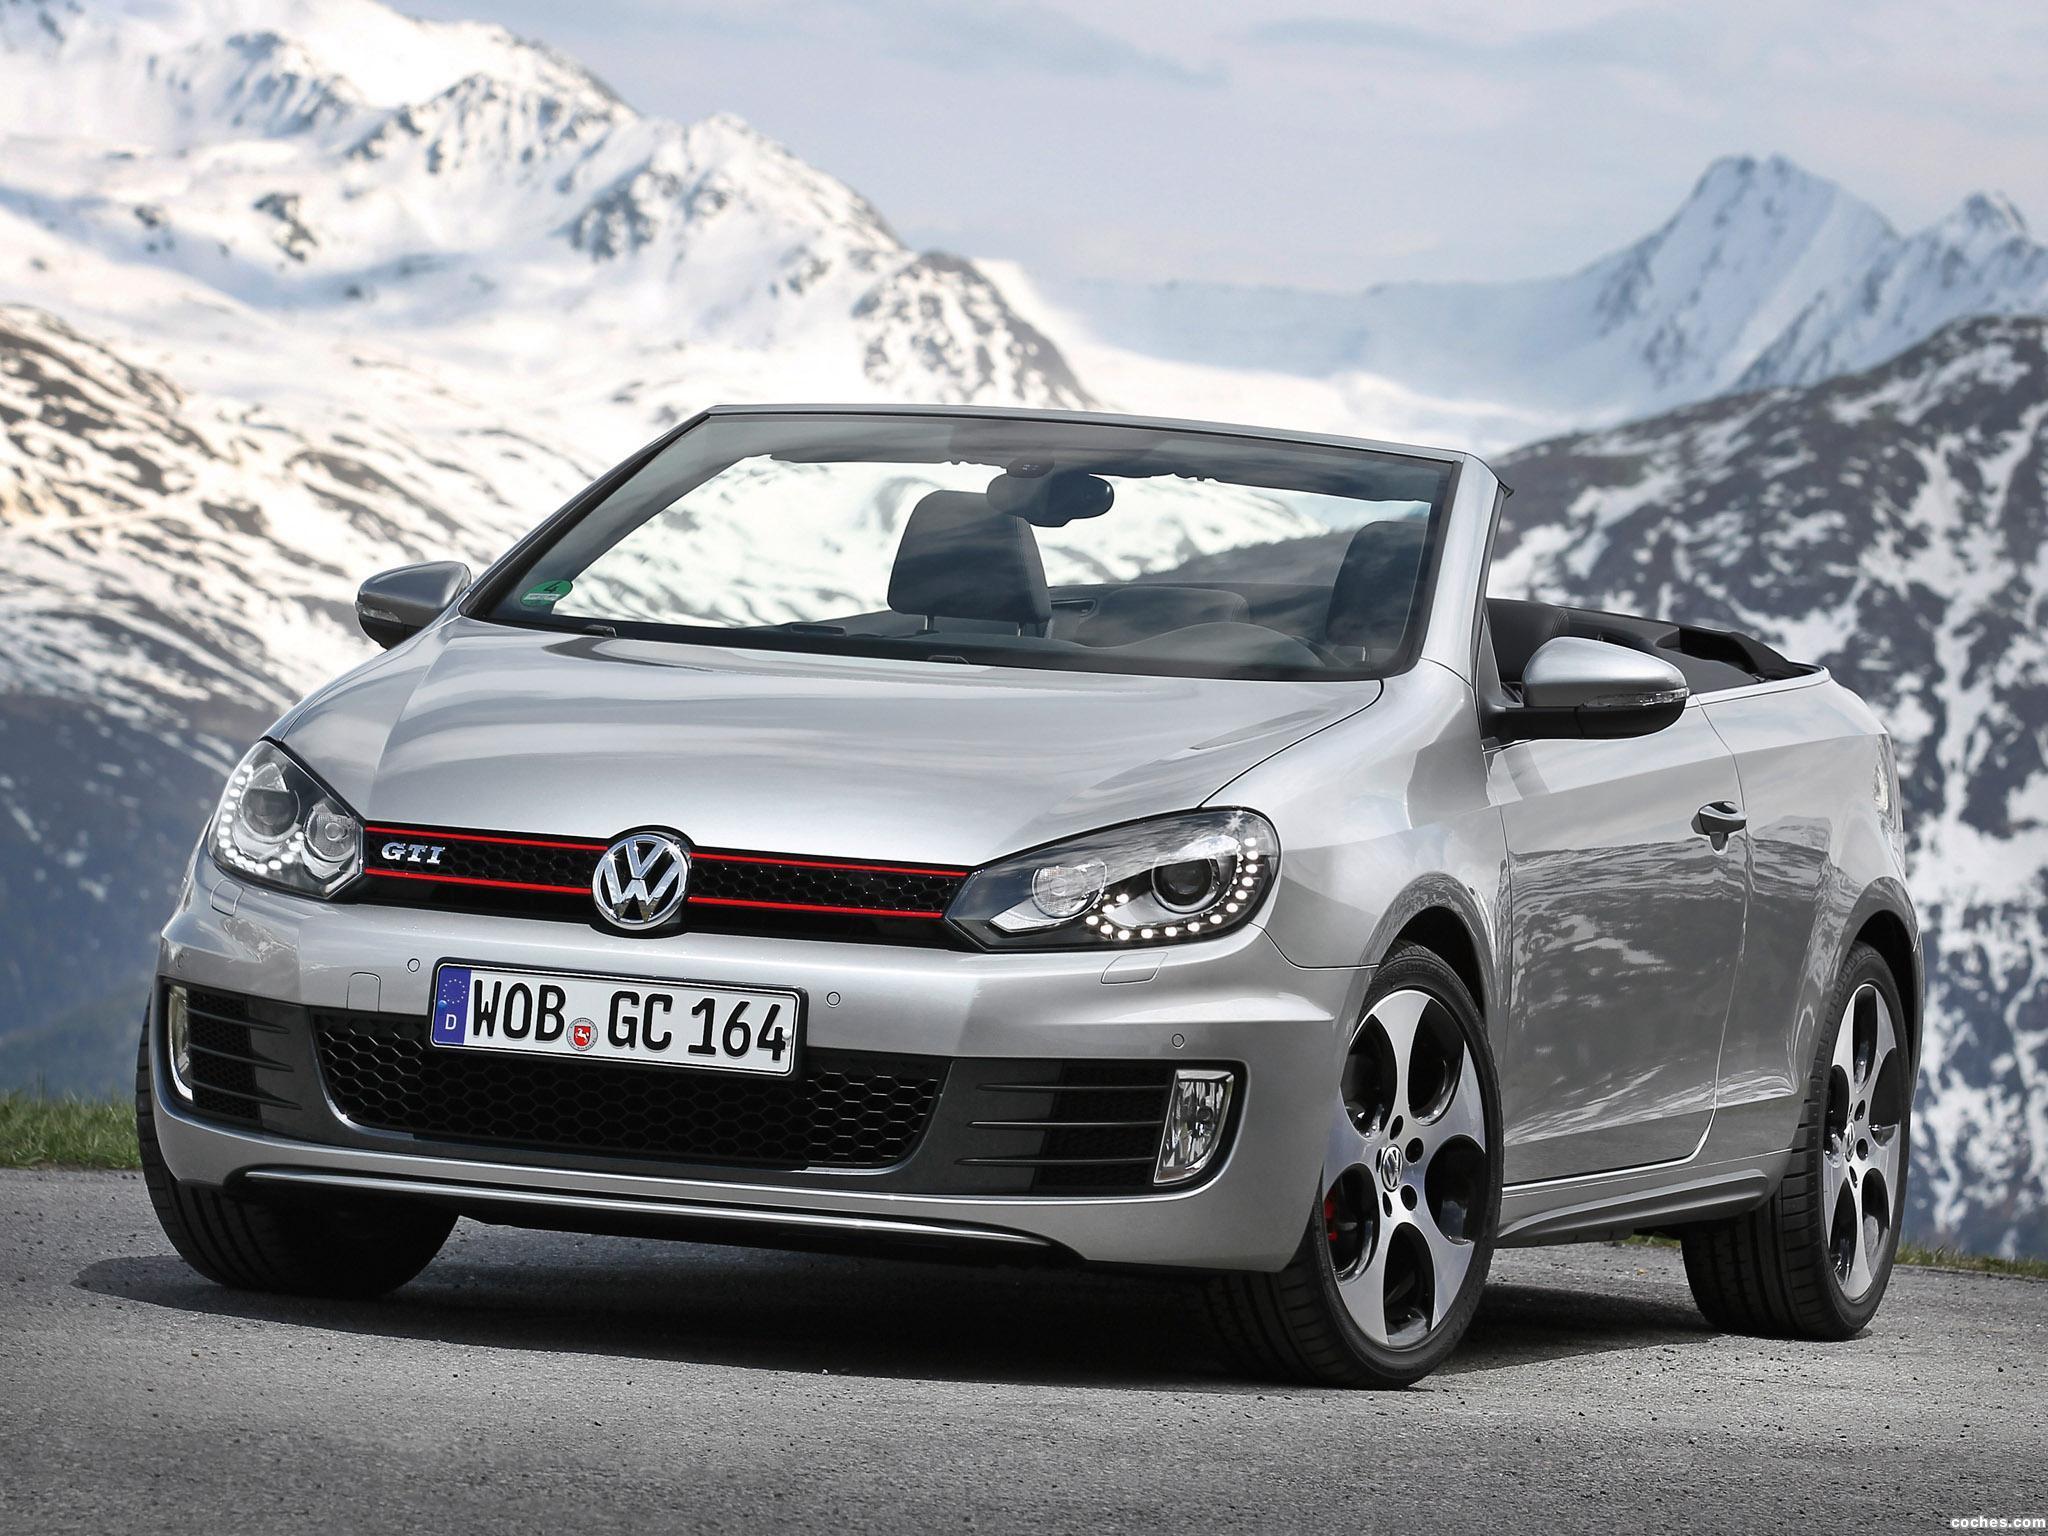 Foto 10 de Volkswagen Golf VI GTI Cabriolet 2012